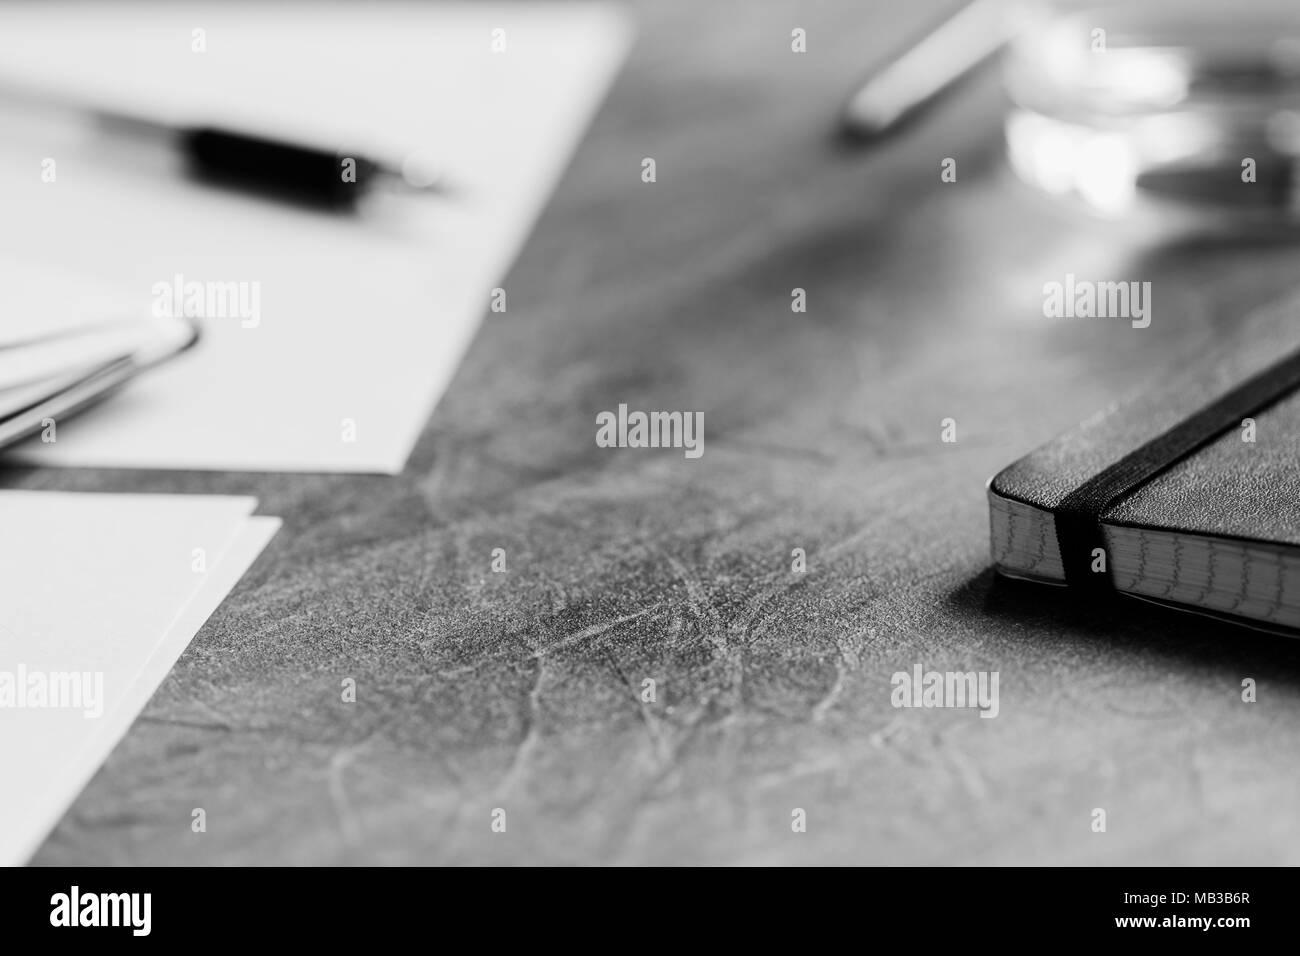 Vue sur le lieu de travail. Ordinateur portable ouvert sur table. La photographie en noir et blanc. Banque D'Images